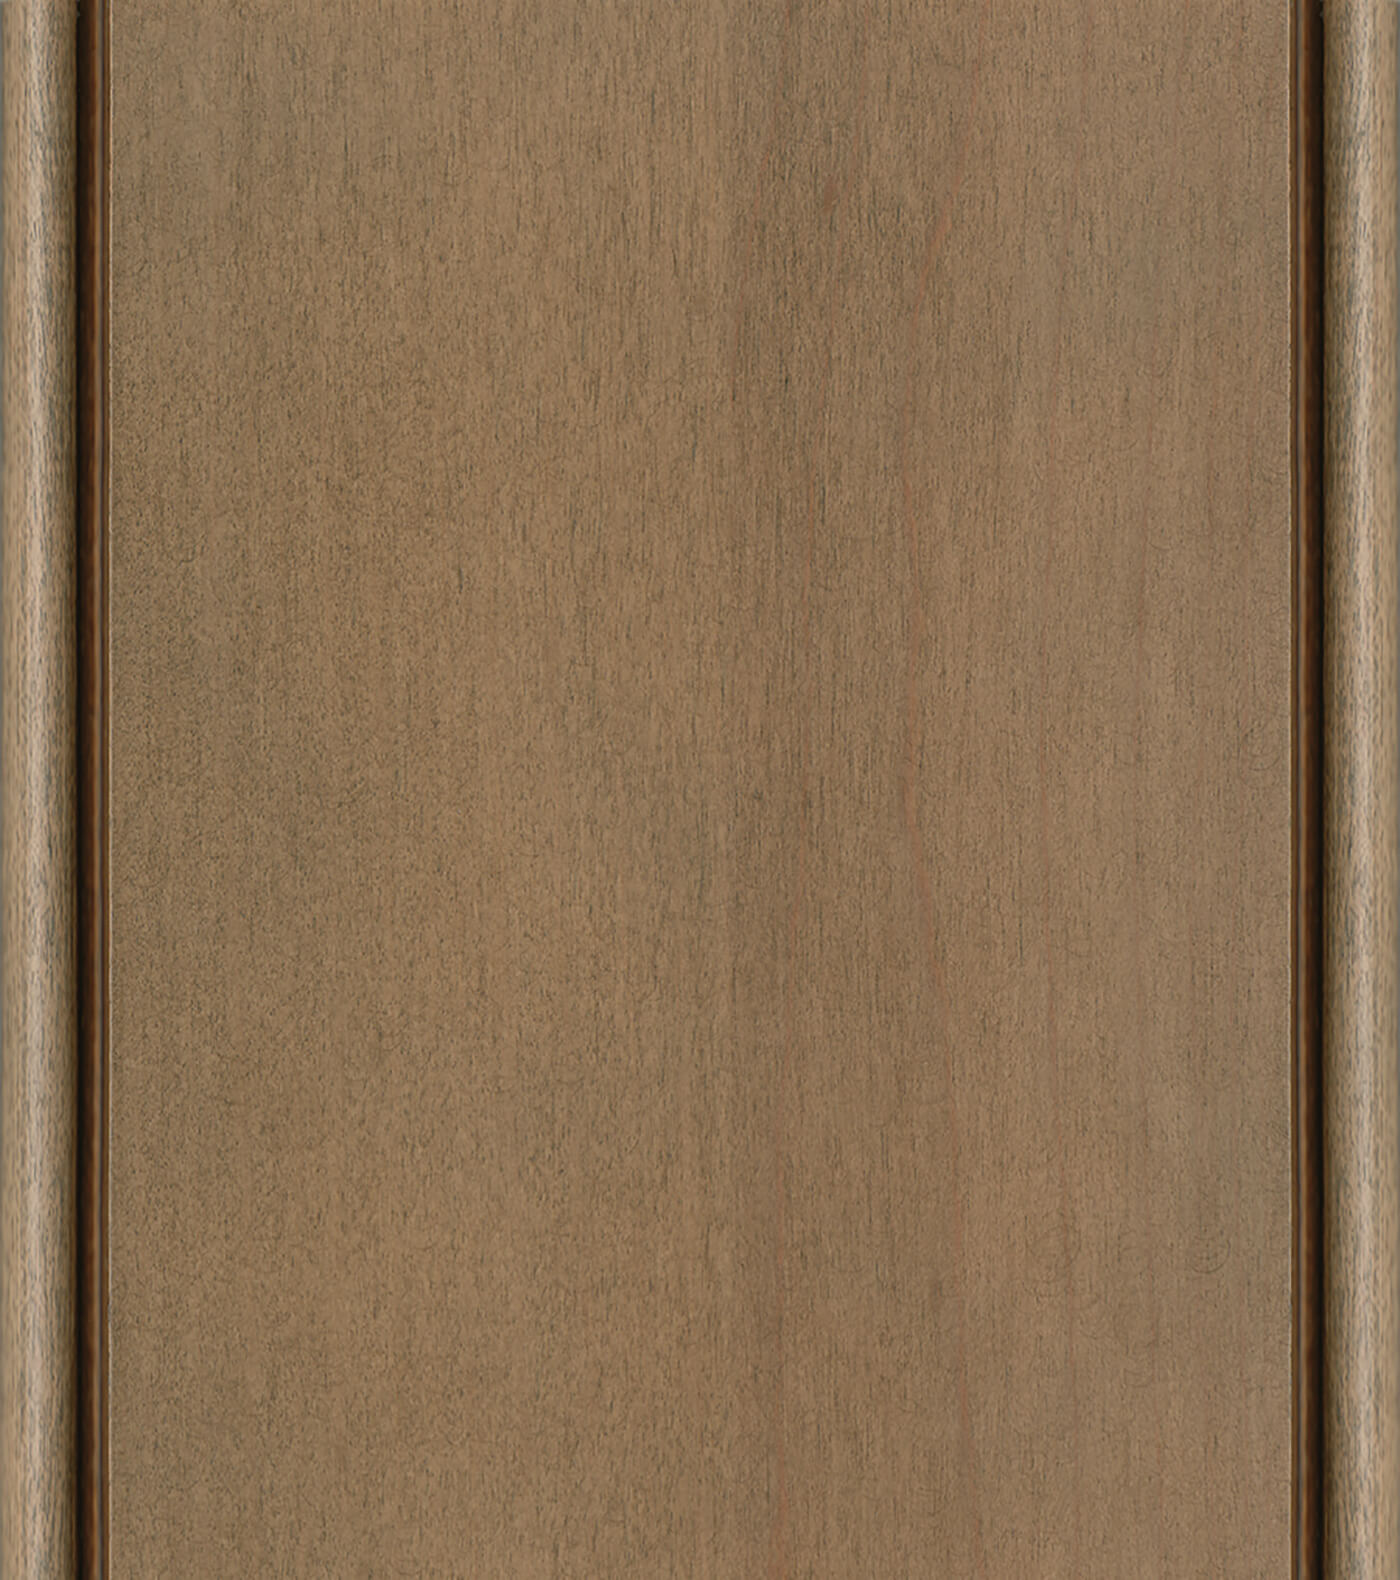 Cashew / Coffee Glaze Stain/Glaze on Maple